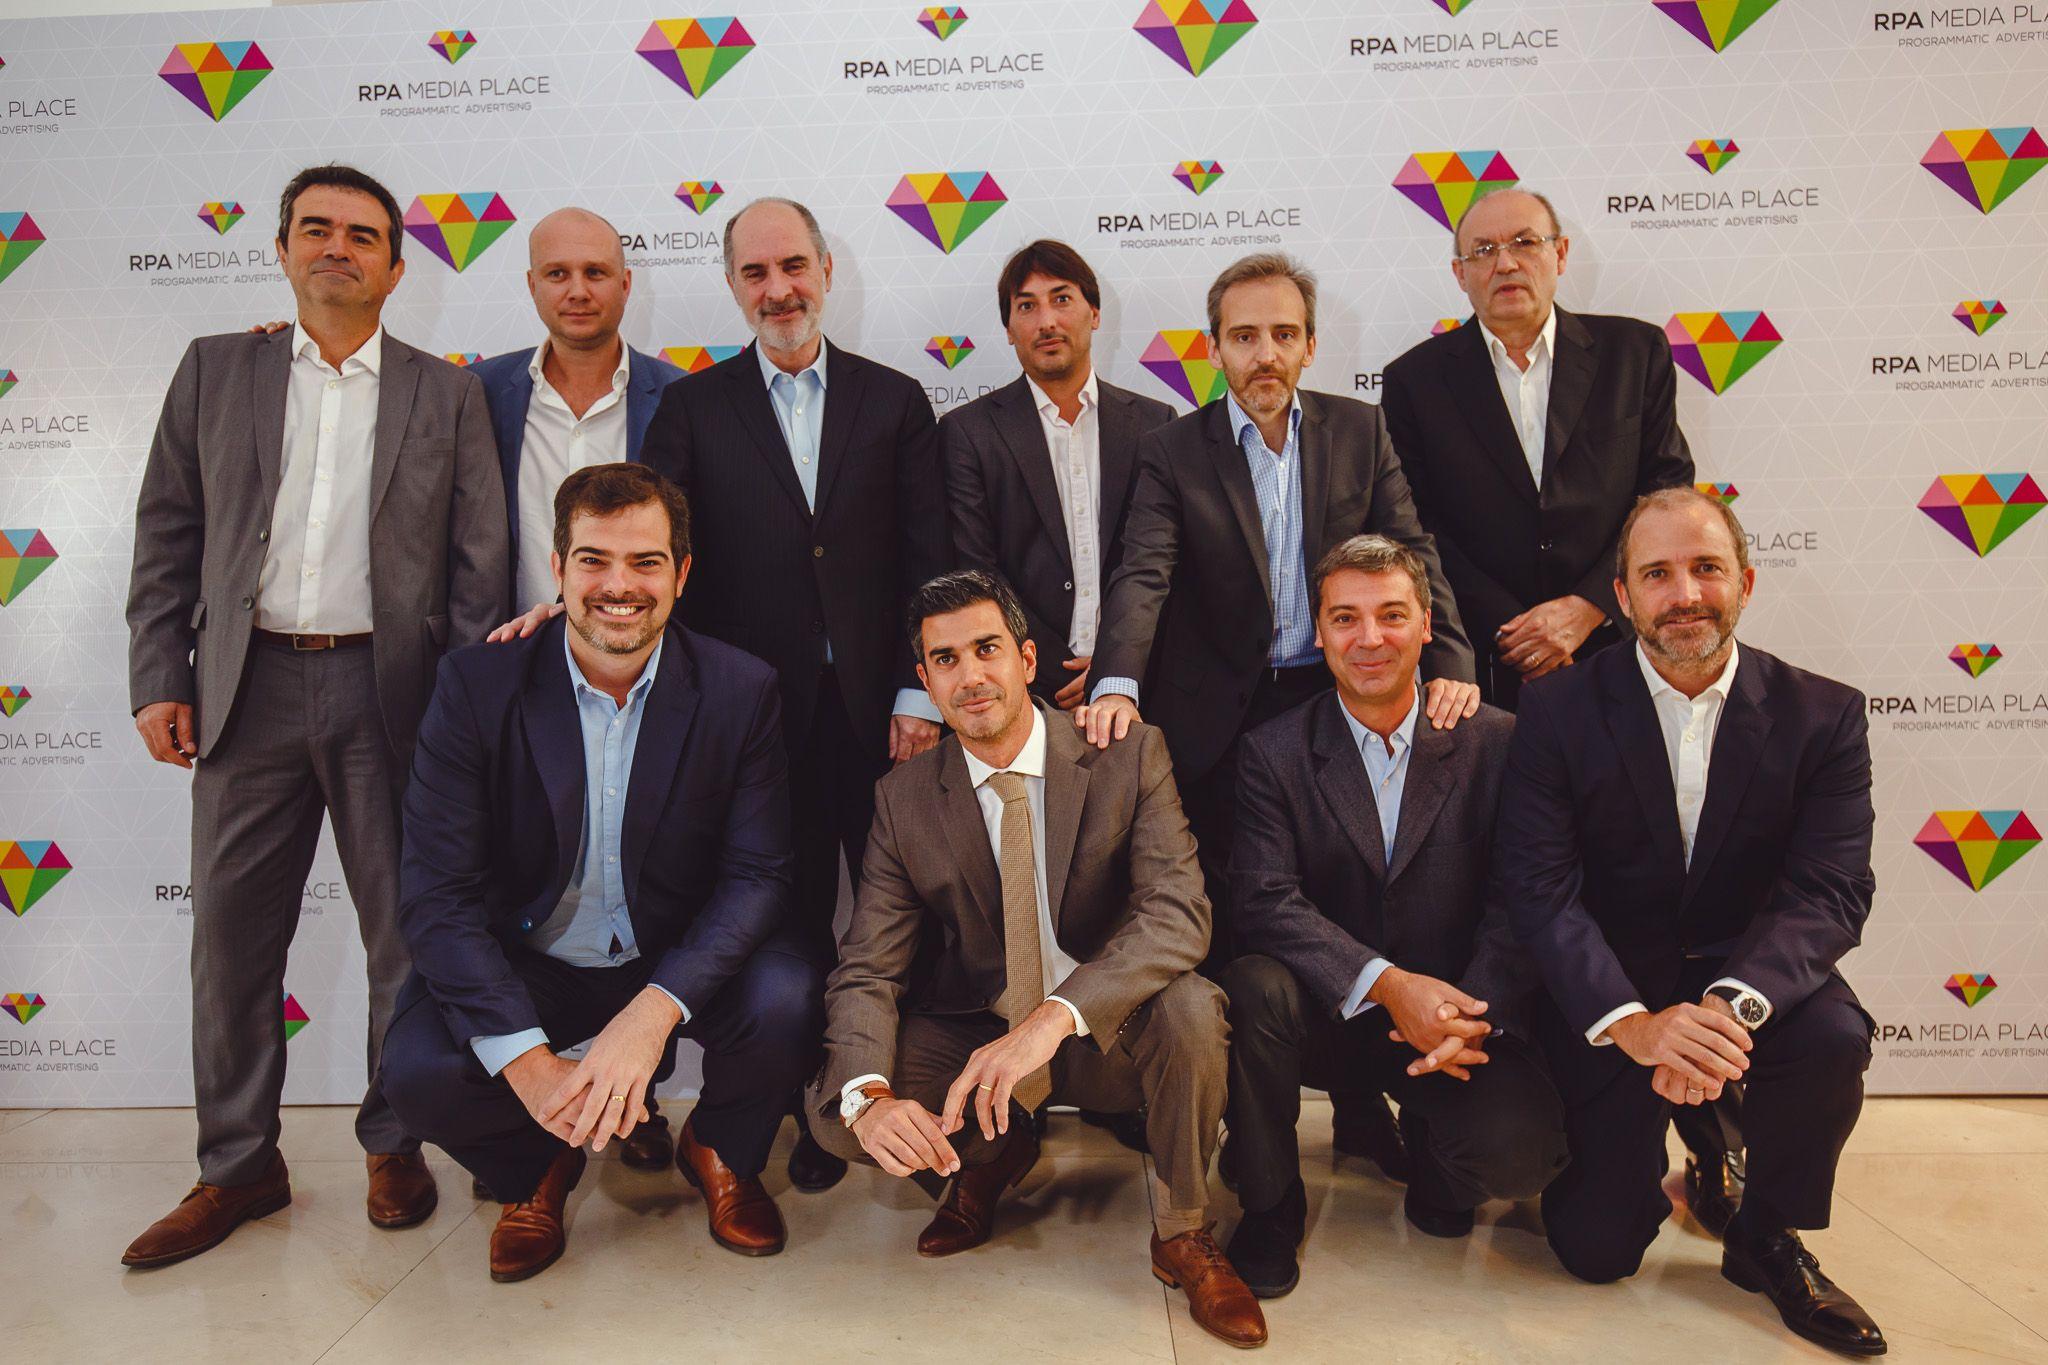 En el evento estuvieron presentes los socios de RPA Media Place.